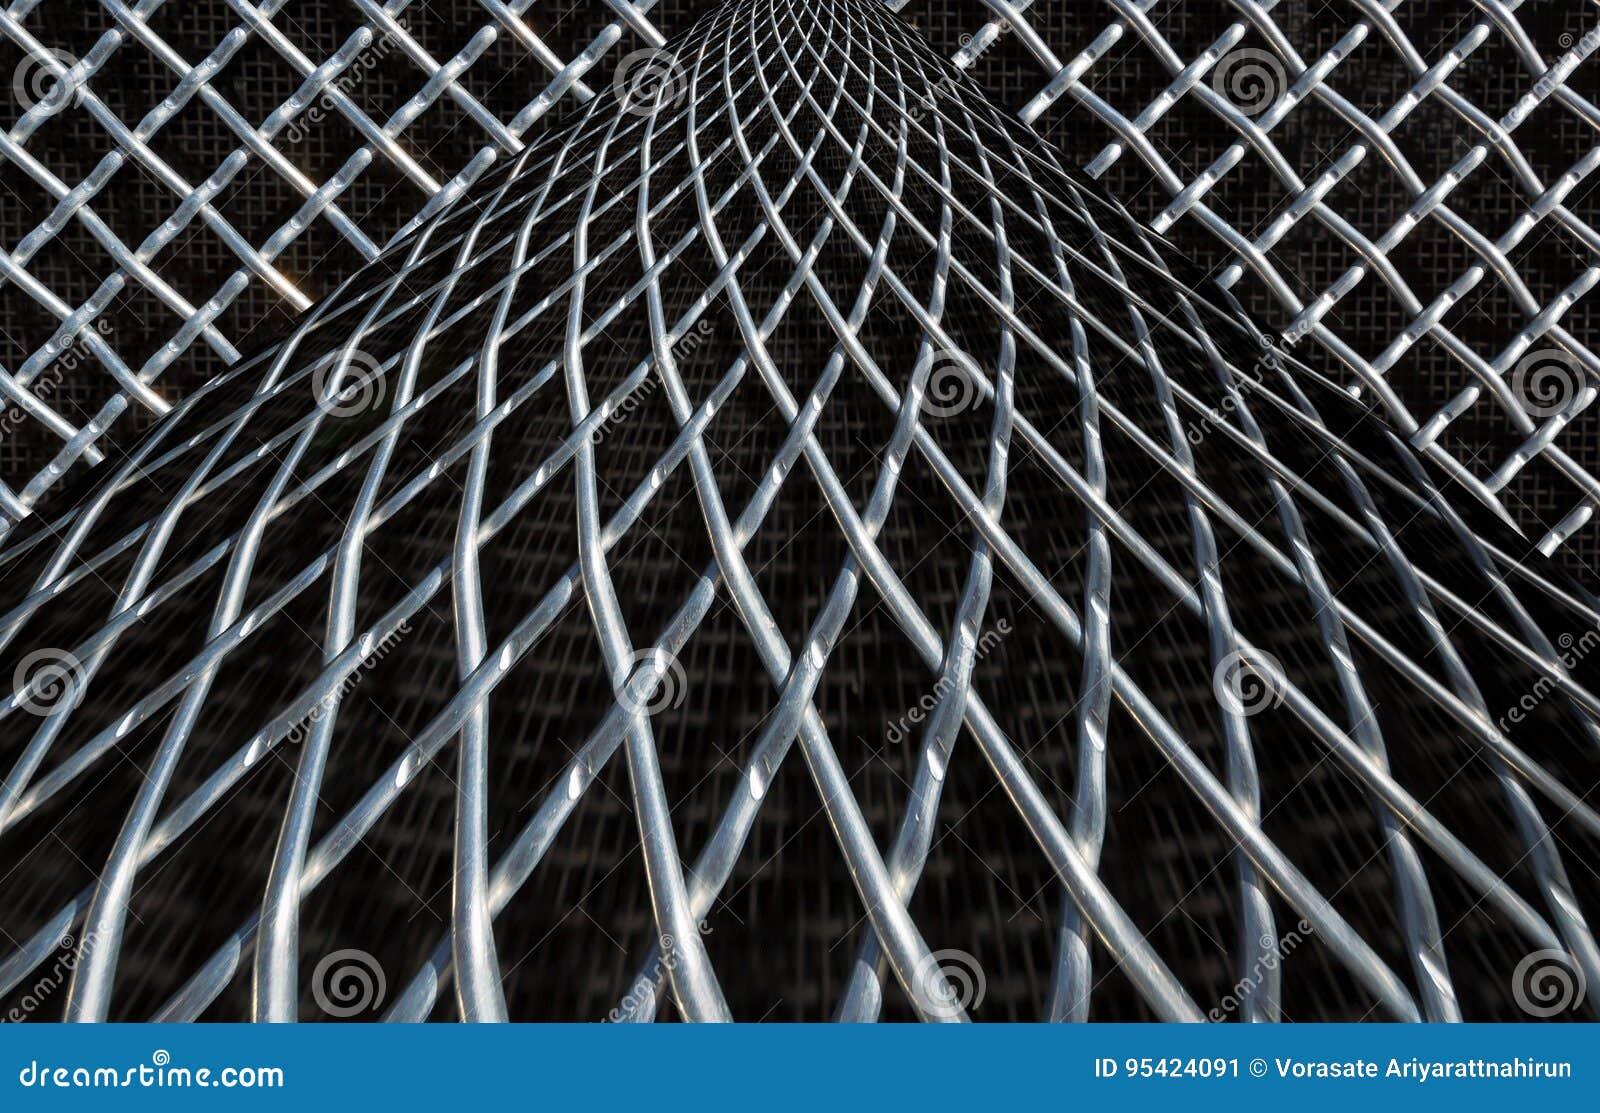 Belägga med metall ingrepps- eller aluminiumrastret på svart bakgrund